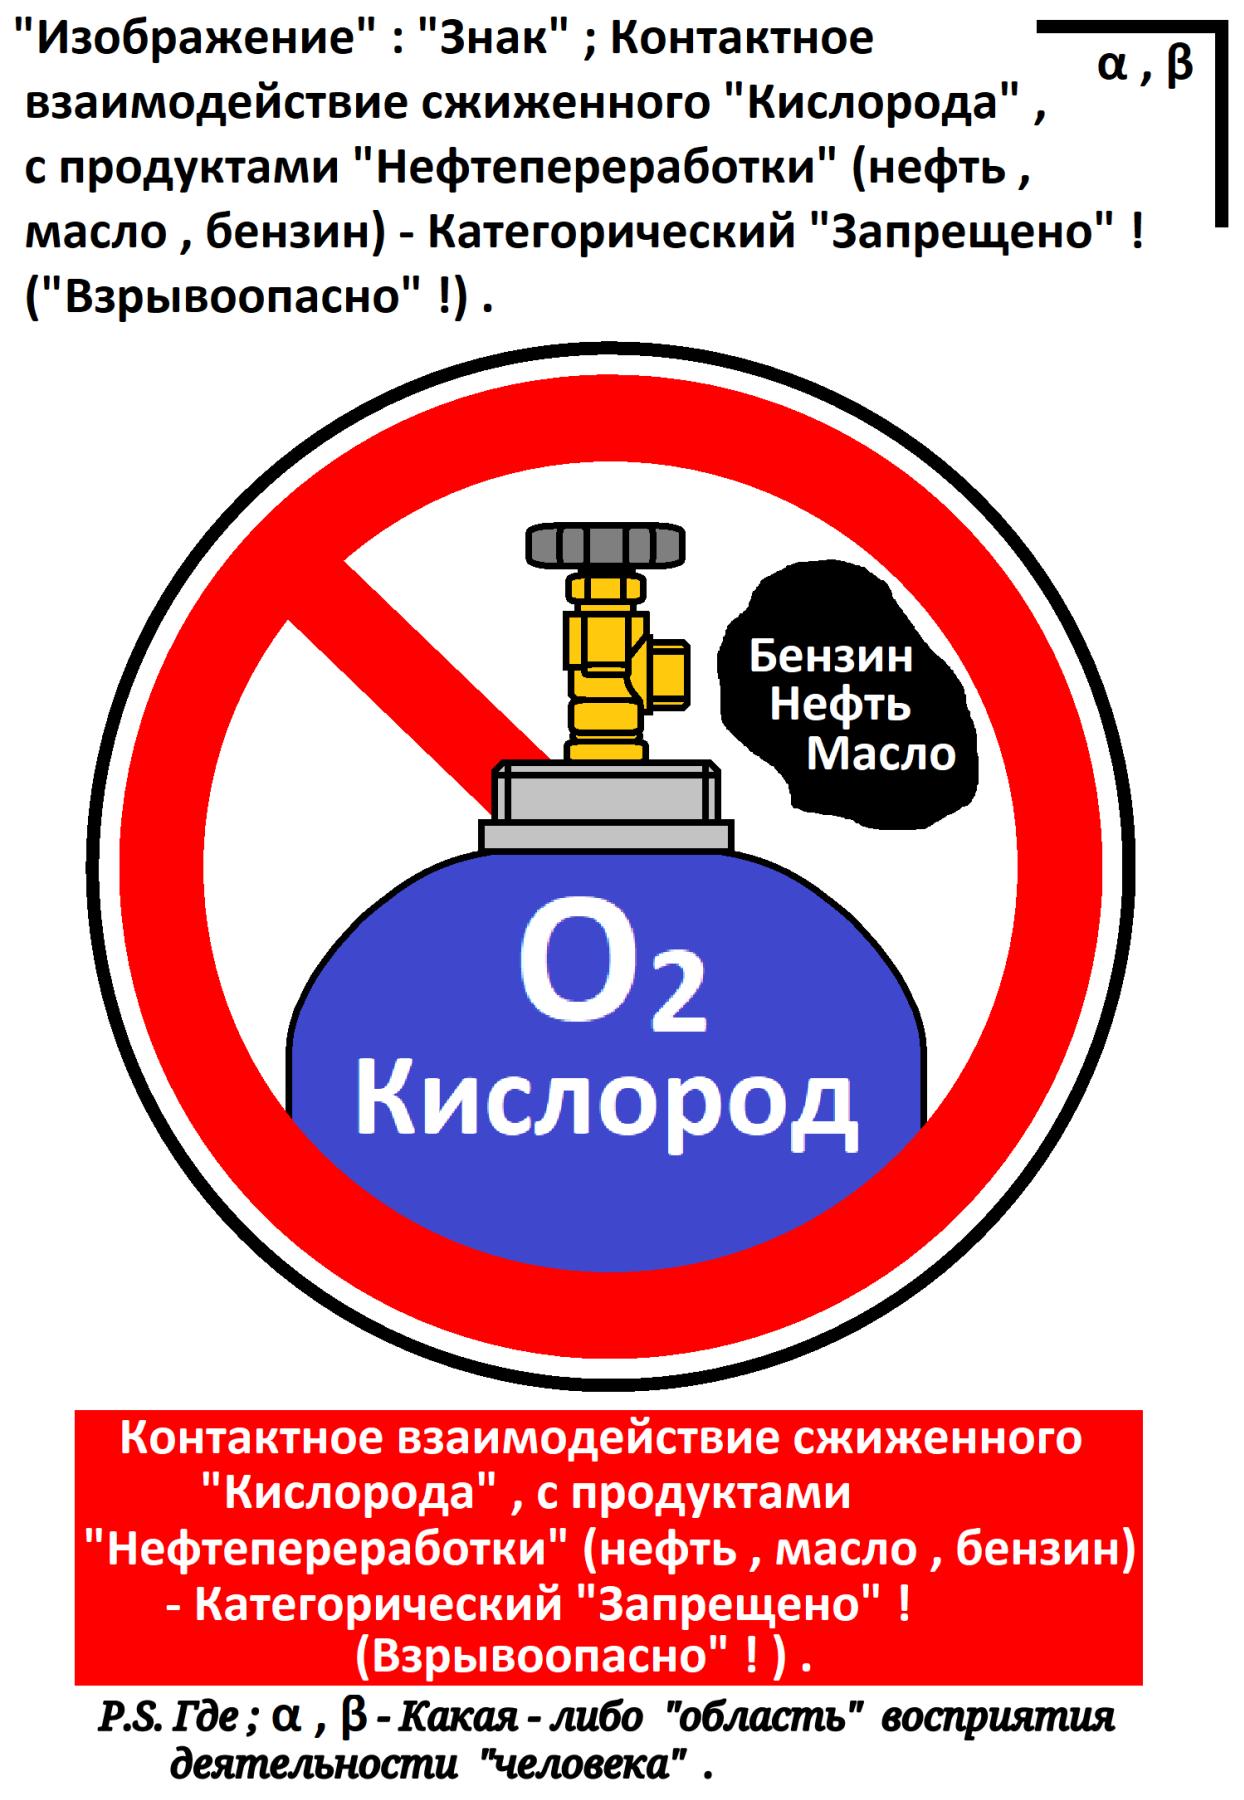 """Arthur Gabdrupes. """"Изображение"""" : """"Знак"""" ; Контактное взаимодействие сжиженного """"Кислорода"""" , с продуктами """"Нефтепереработки"""" - Категорический """"Запрещено"""" ! (""""Взрывоопасно"""" !) . 2021г. (1)"""